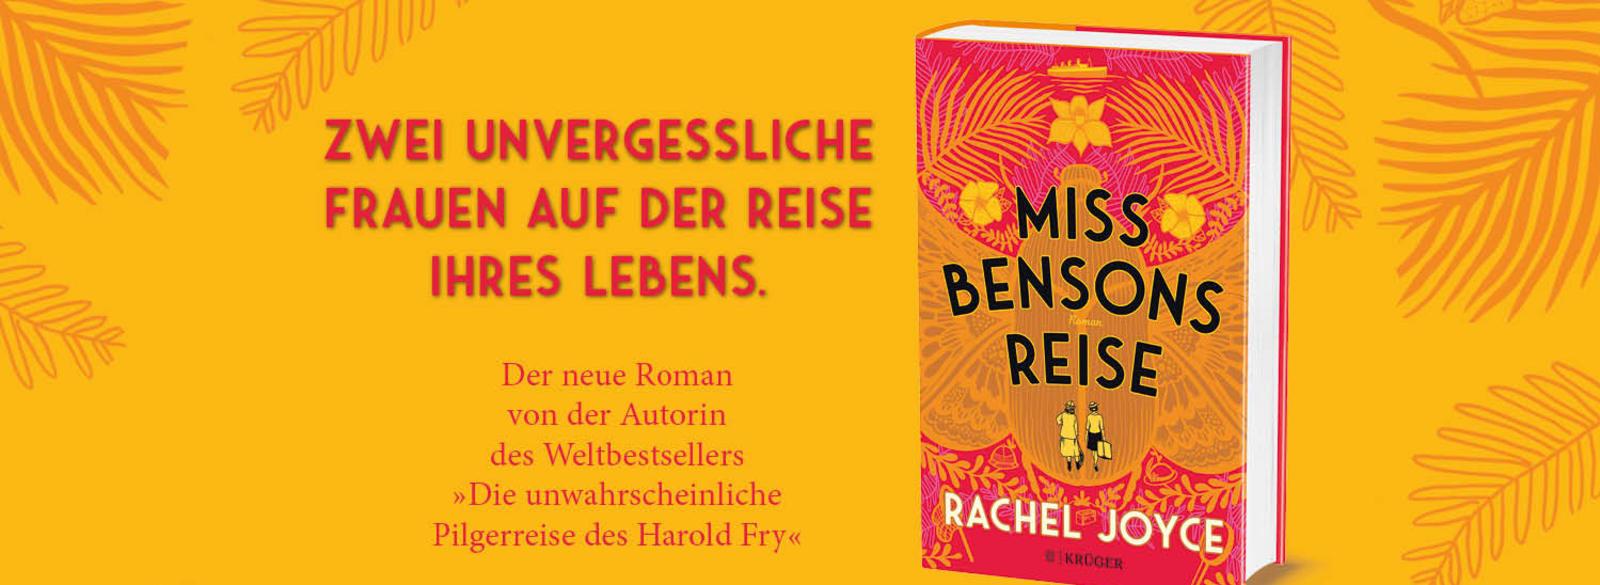 Grafik mit Text und Buchcover zu Miss Bensons Reise